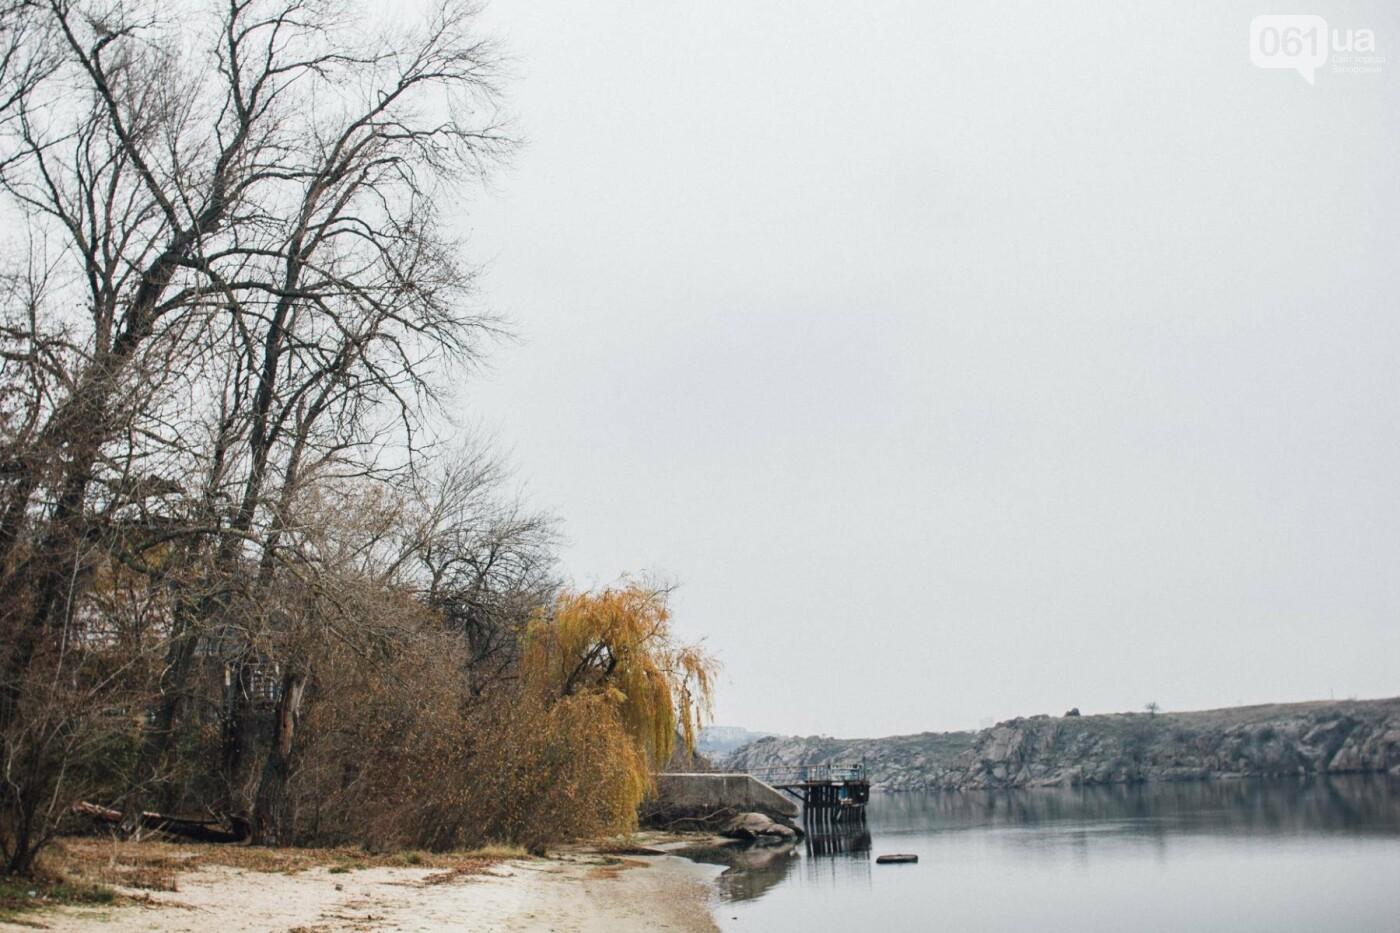 Четыре дня до зимы: как выглядит Хортица поздней осенью, - ФОТОРЕПОРТАЖ, фото-14